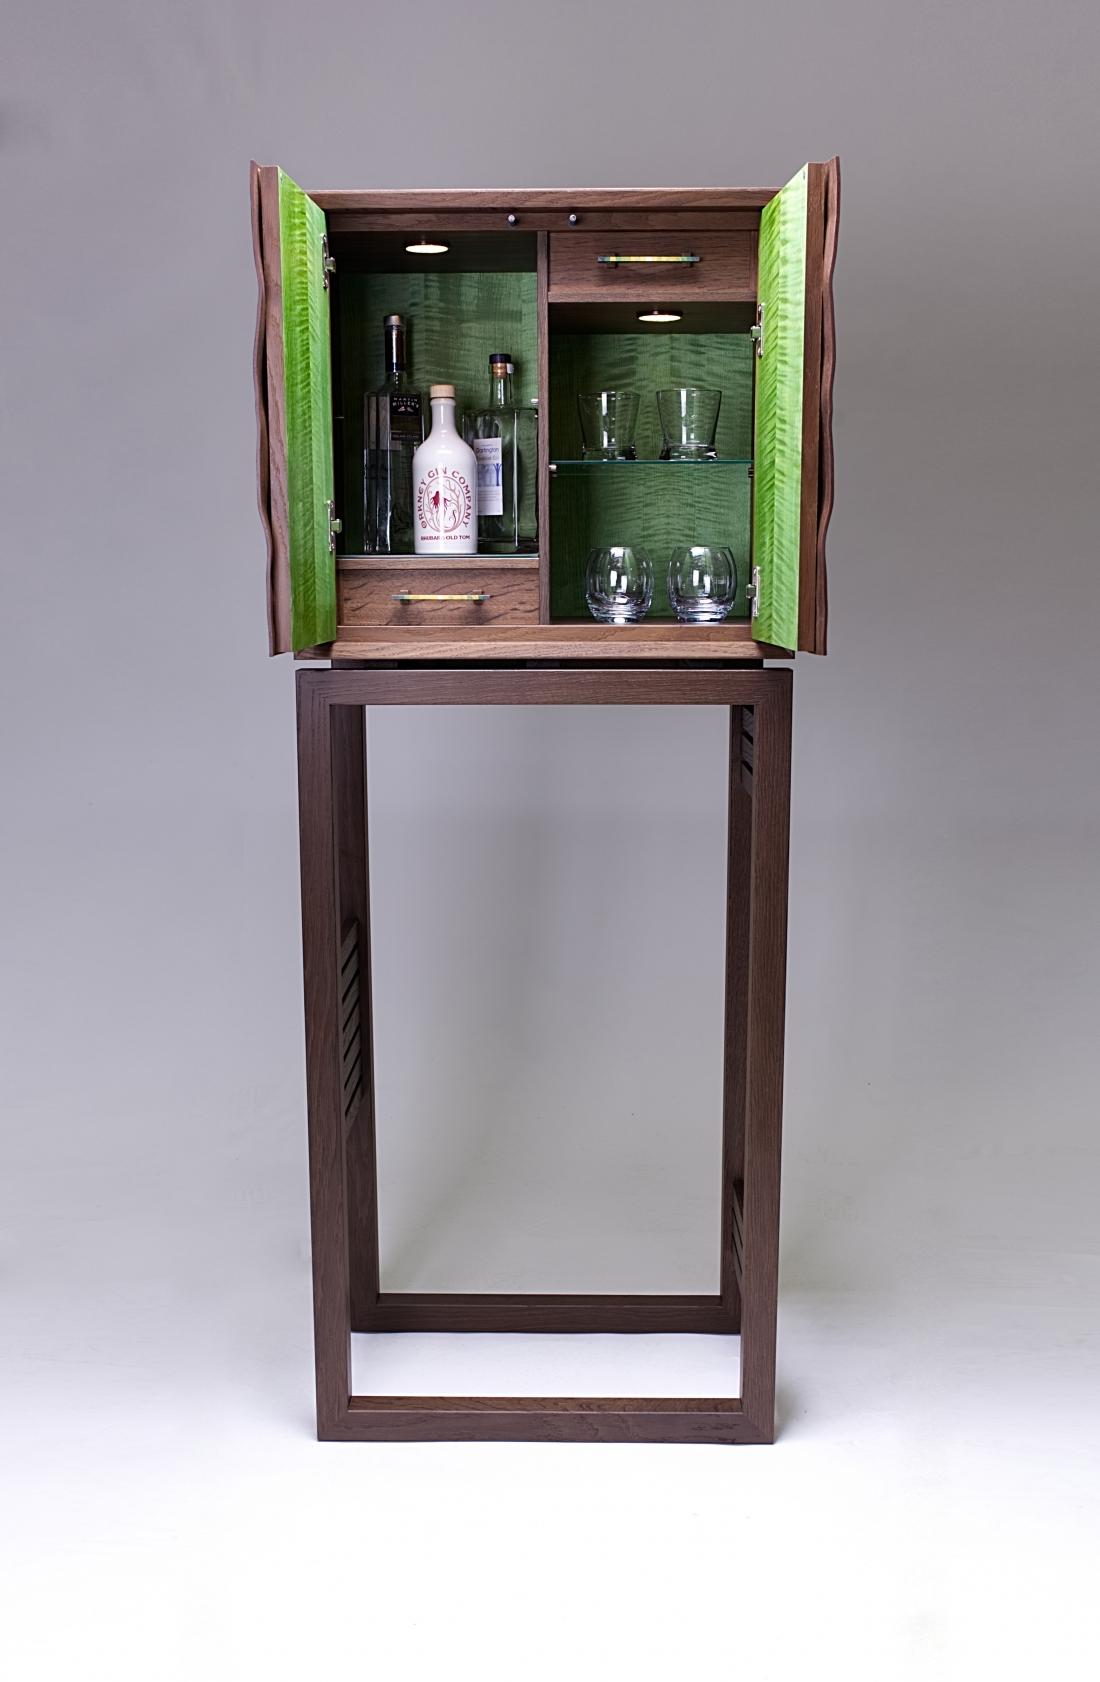 Botanical cabinet by KEVIN STAMPER